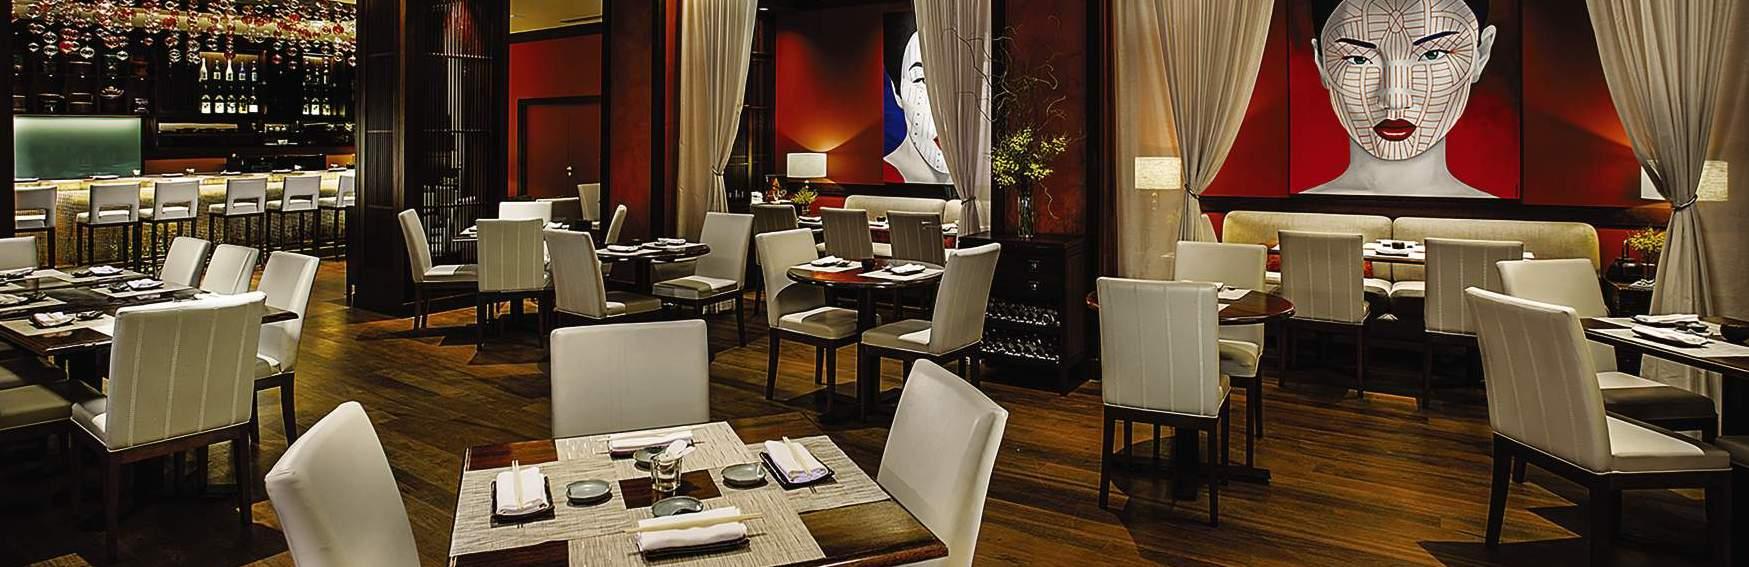 mee-restaurant-rio-de-janeiro